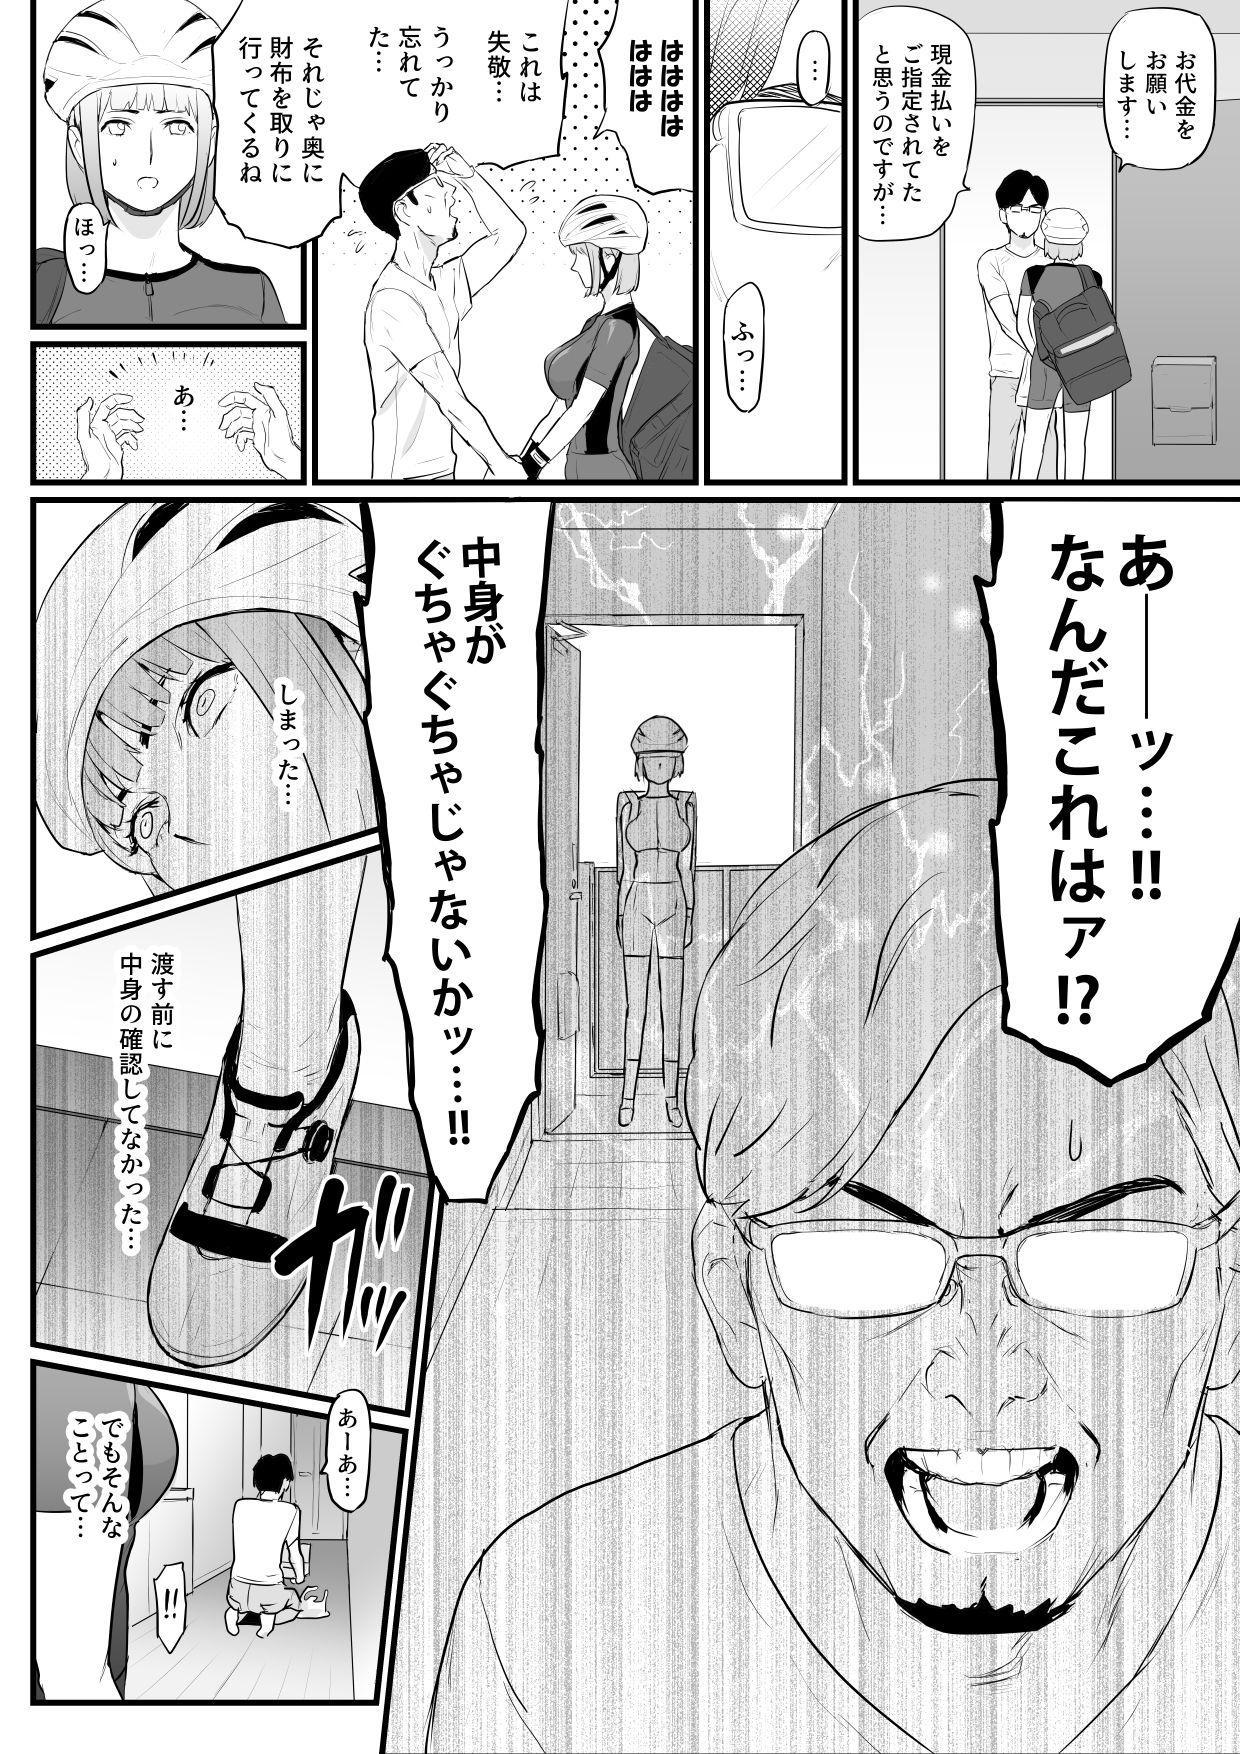 Onna Haitatsuin ga Claim Kyaku ni Choukyou Sareru Hanashi 2